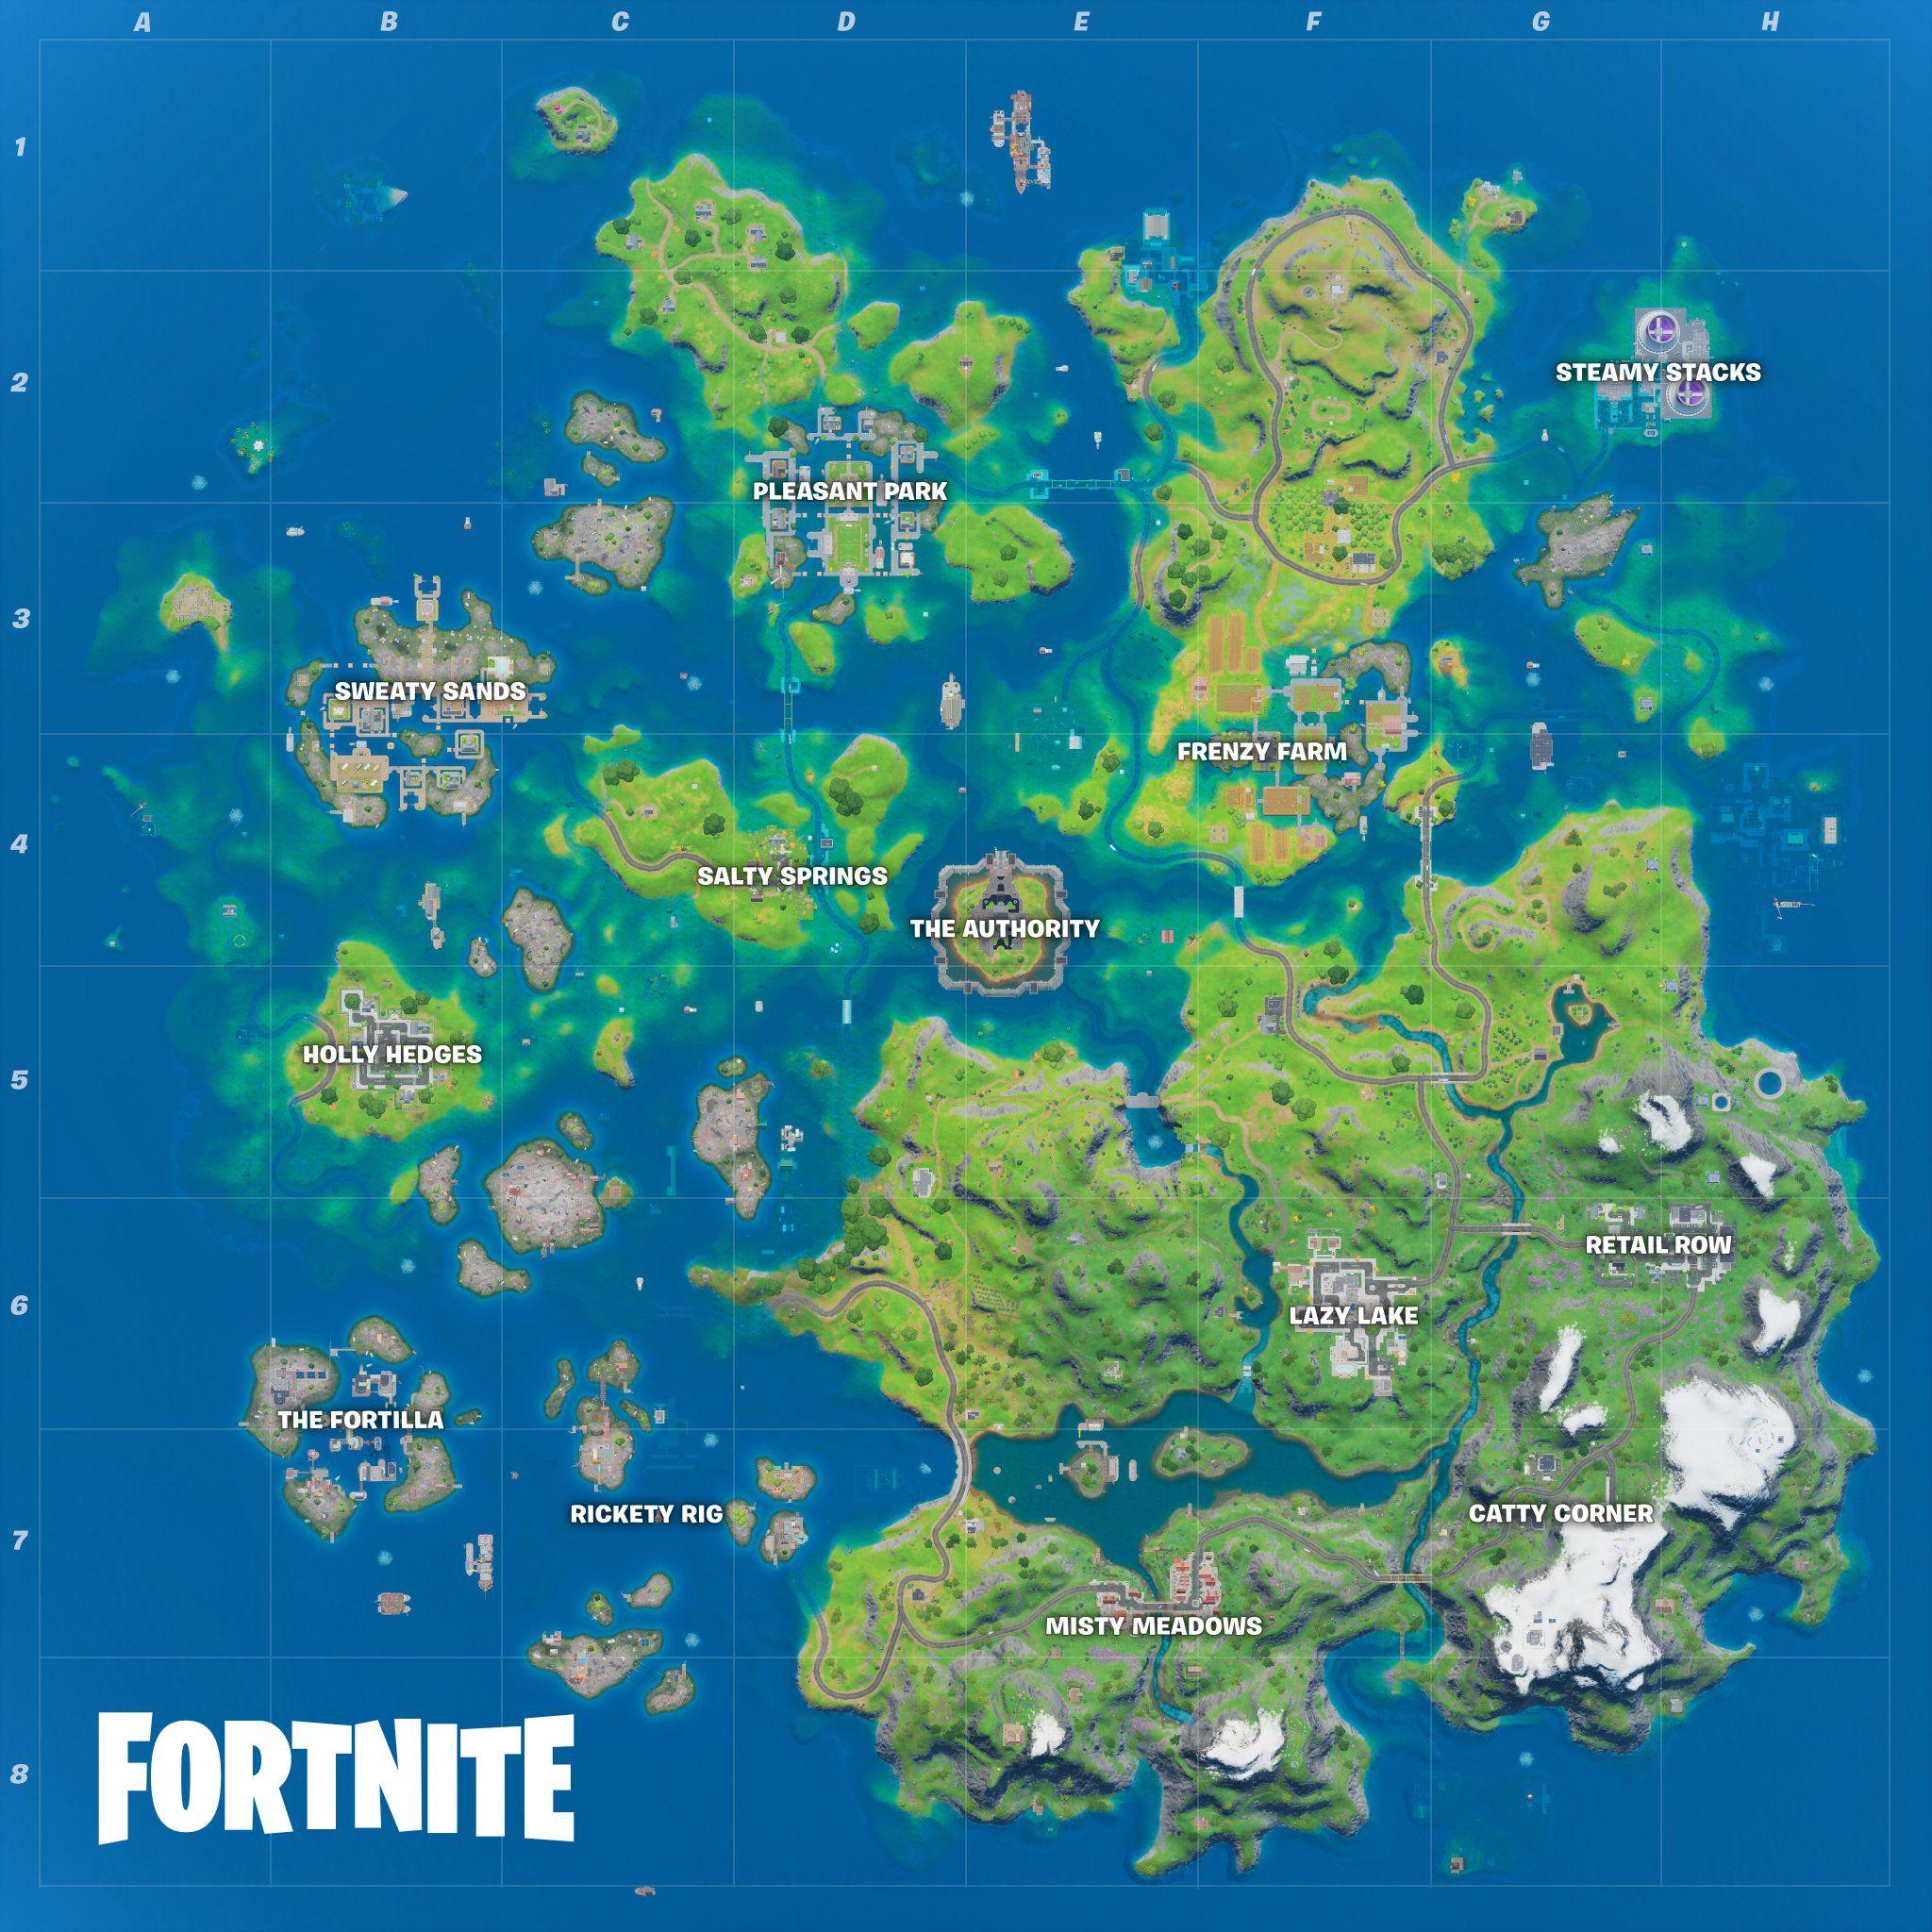 Fortnite Season 3 map overhead.